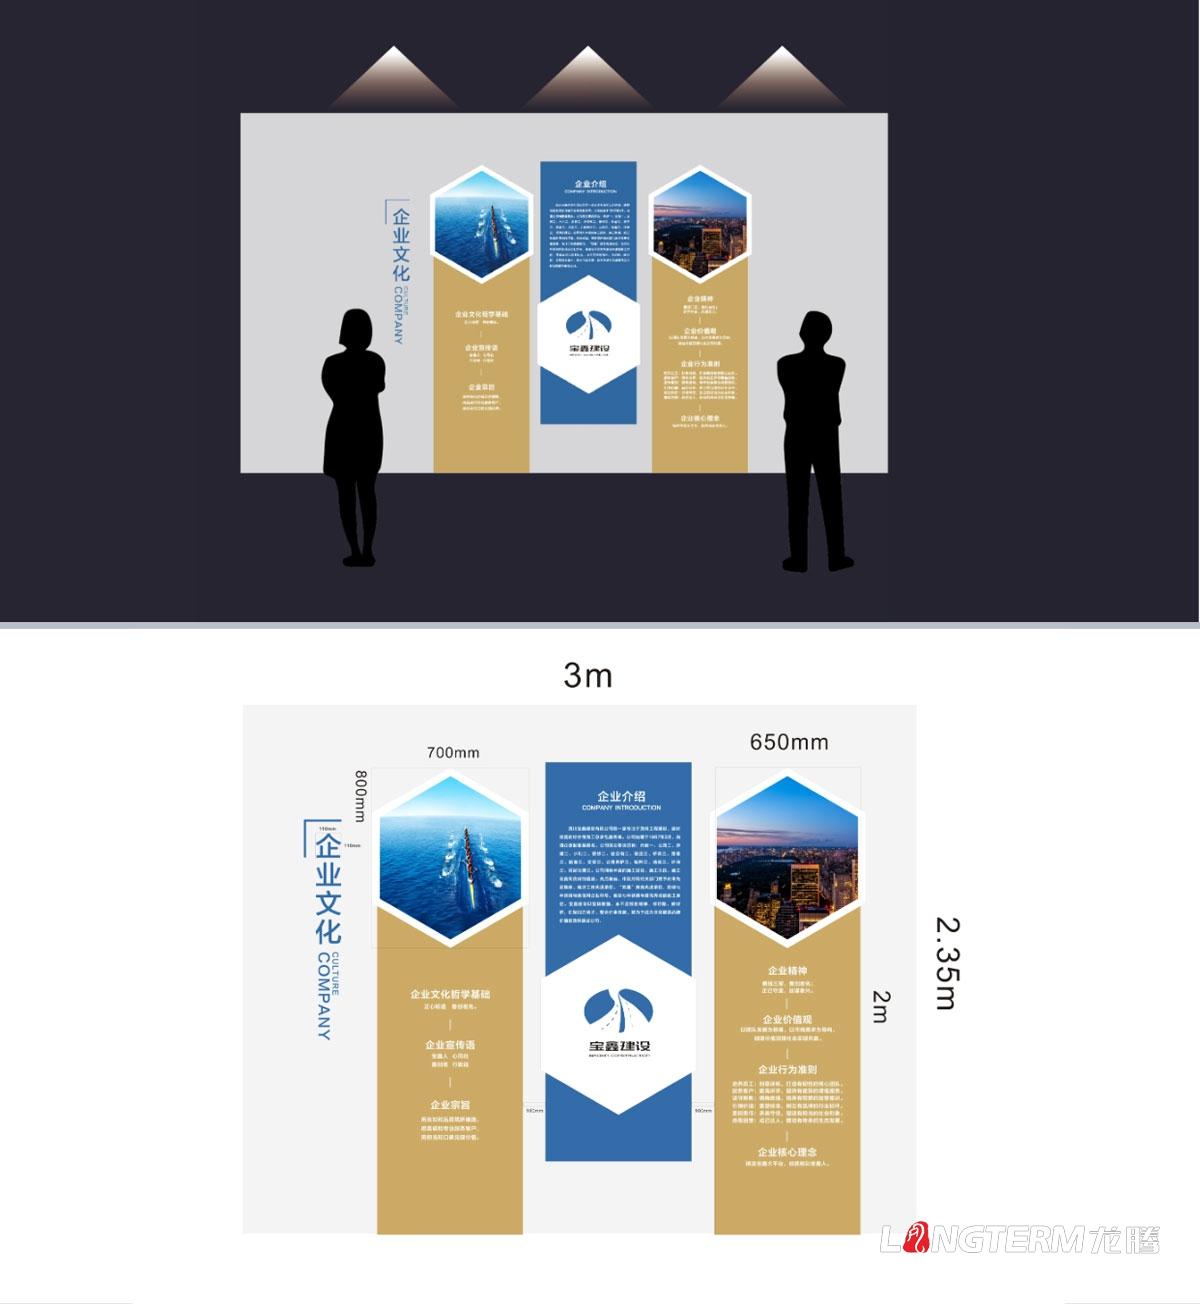 宝鑫建设公司文化墙亿博国际app下载与制作安装_四川成都建设建筑企业文化墙形象墙办公室氛围亿博国际app下载营造